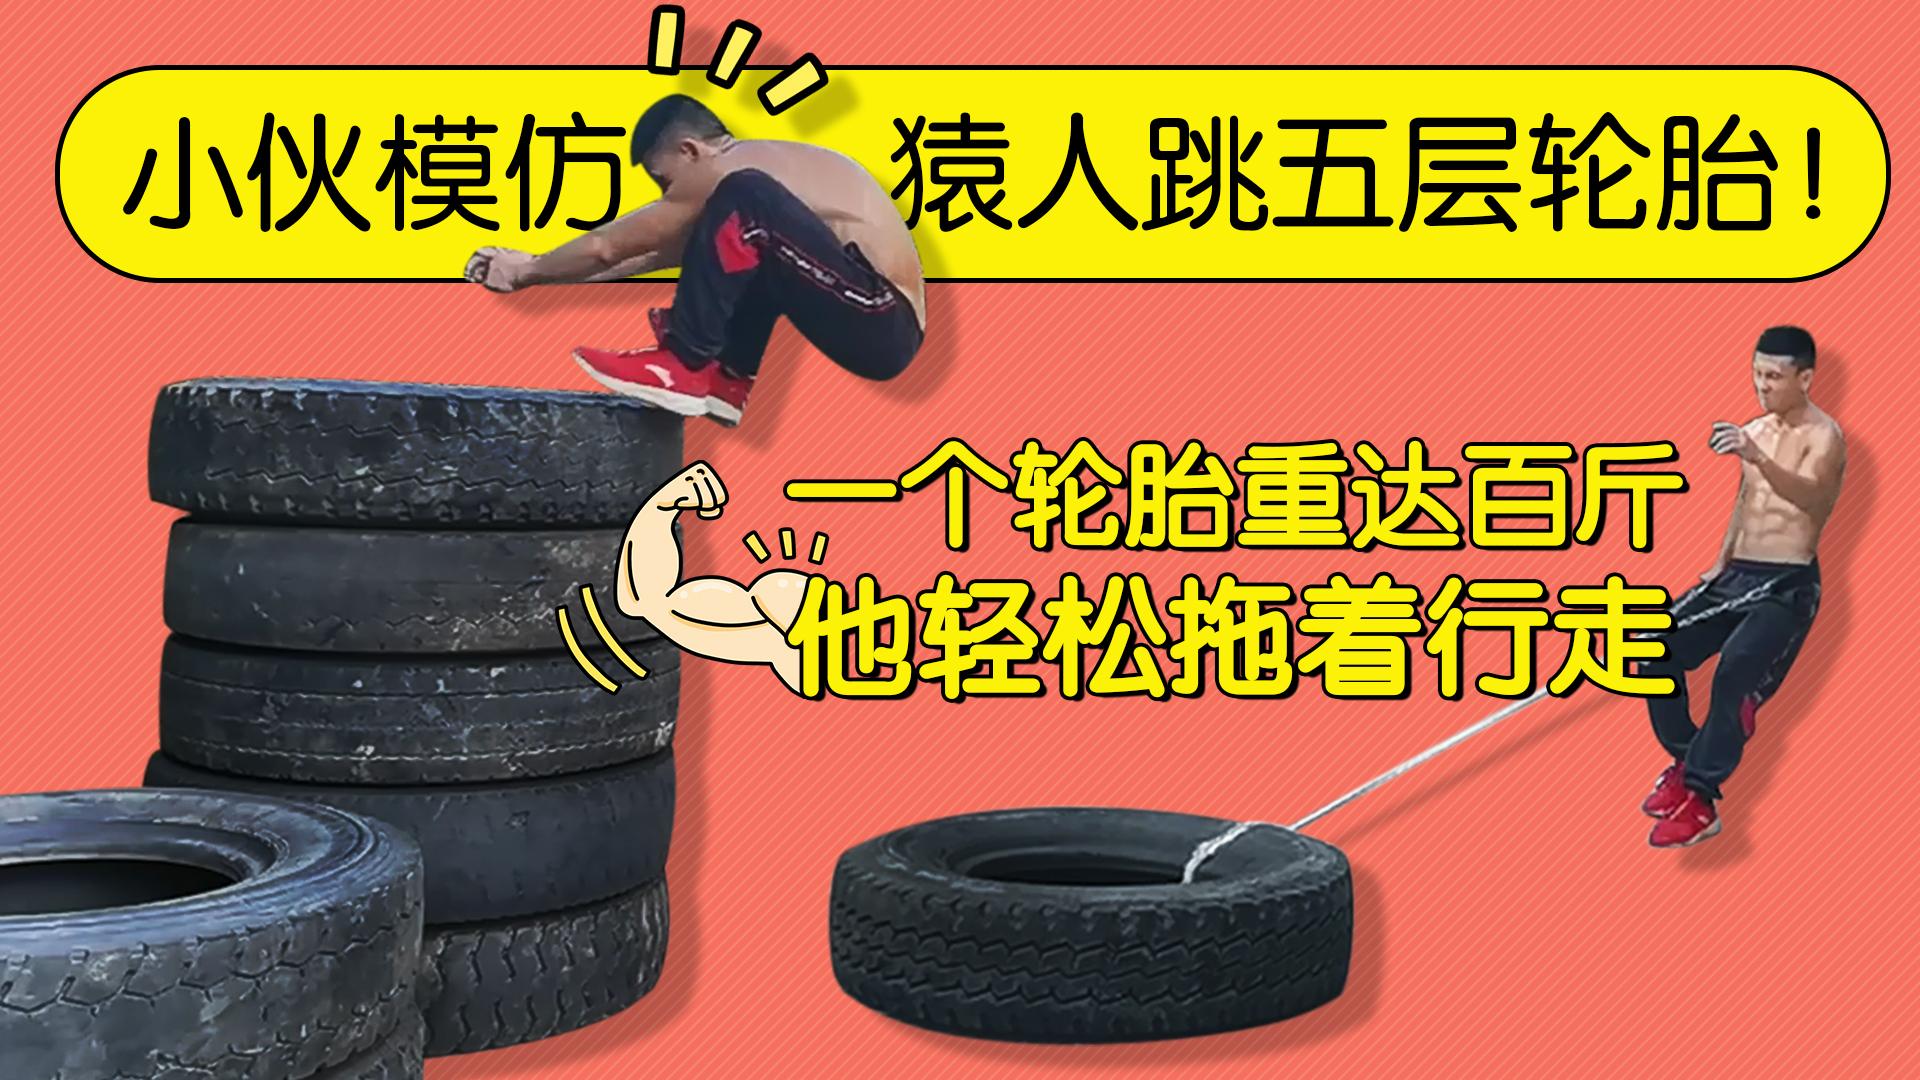 农村小伙挑战人类极限!回收一堆百斤轮胎,玩出健身器械的效果